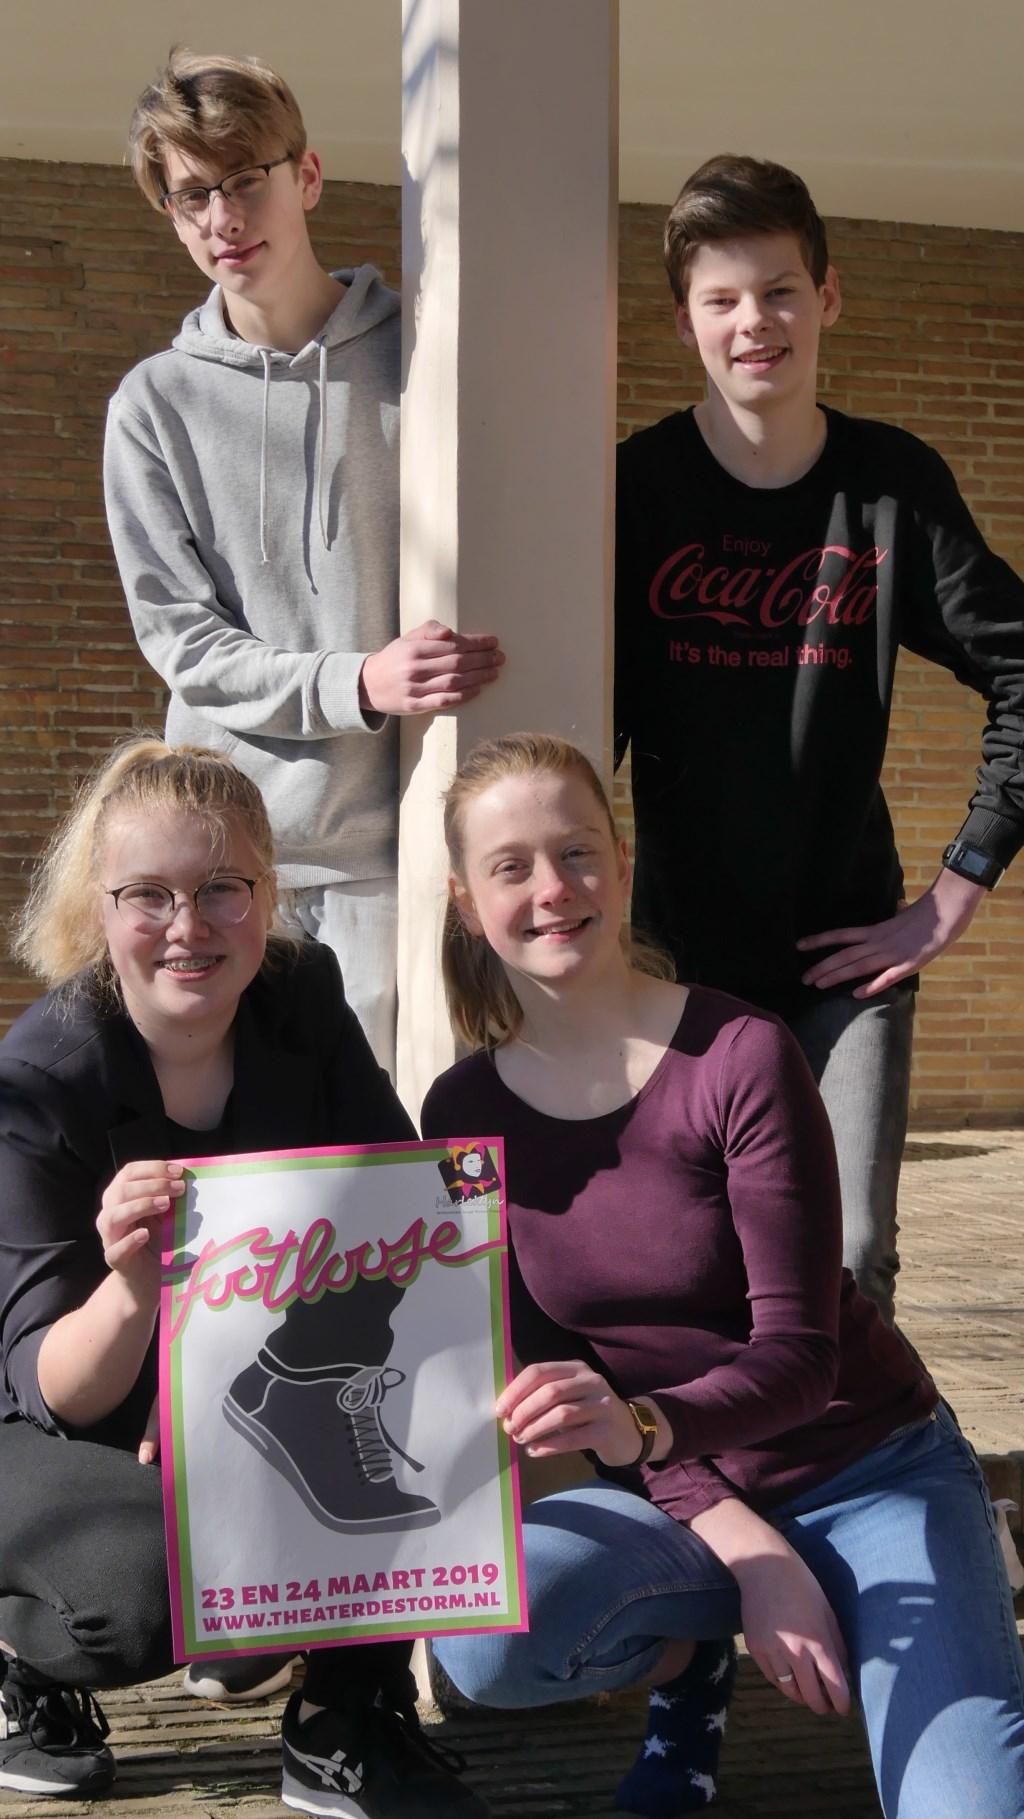 Rutger de Goede, Jurre Huls, Margo Mateman en Sophie de Goede spelen mee in 'de swingende dansmusical Footloose die Harlekijn op 23 en 24 maart  in Theater De Storm op de planken brengt. Foto: Jan Nekkers